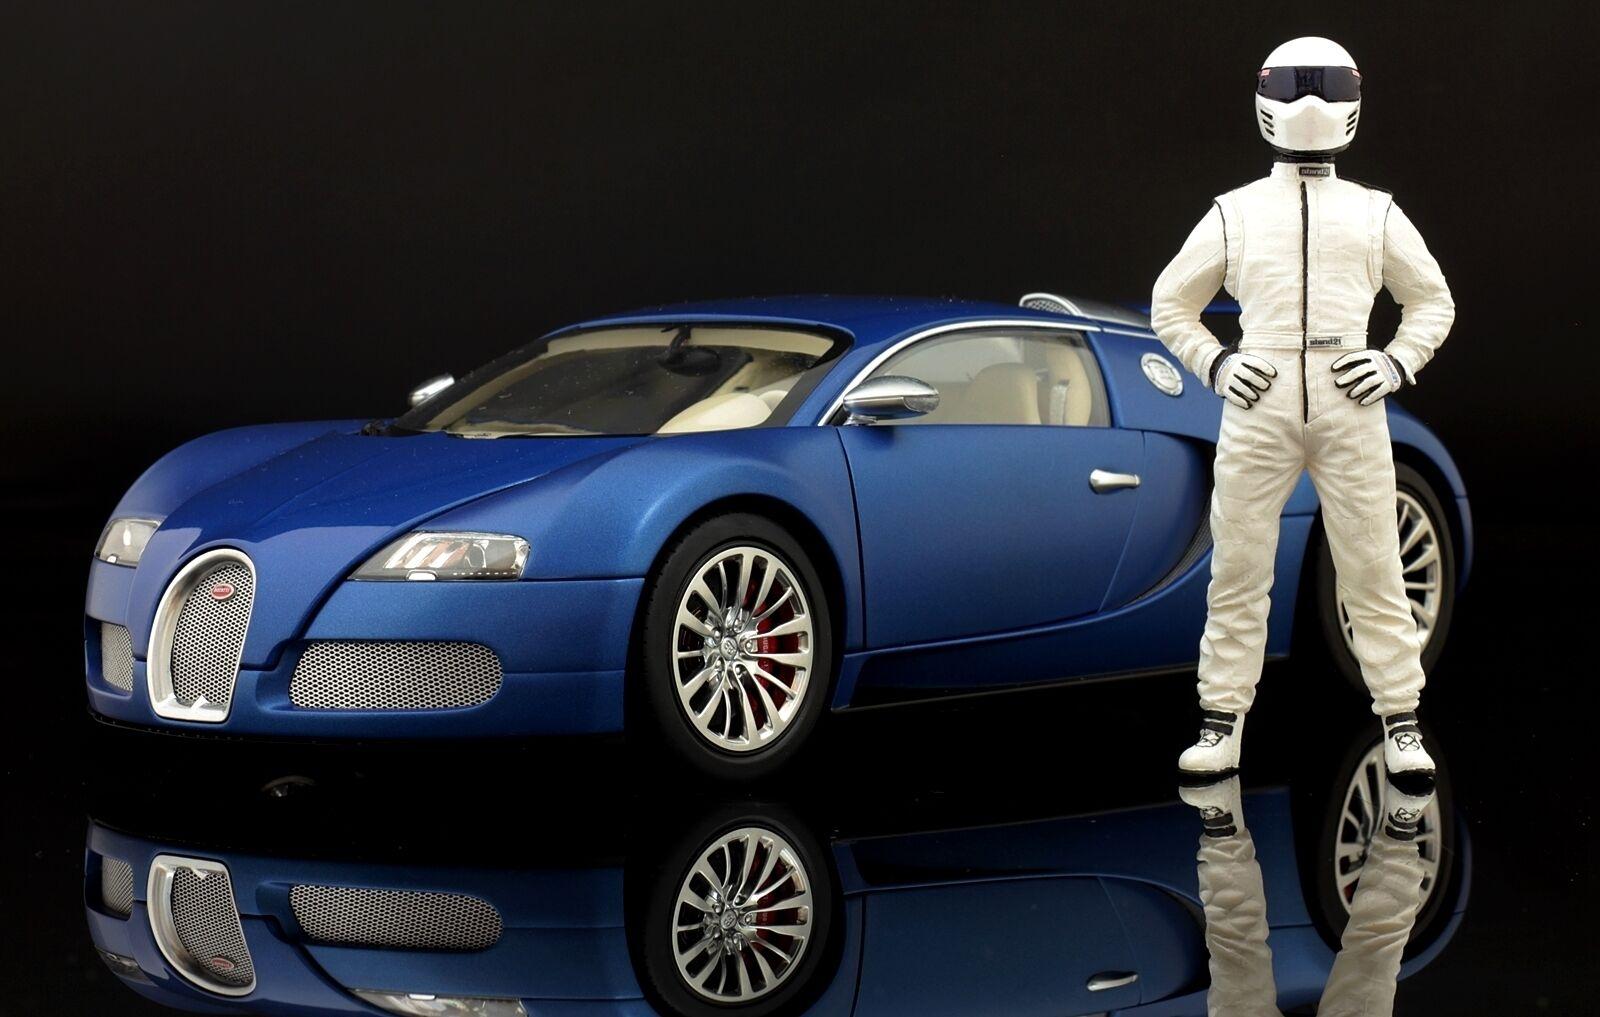 The white STIG Figure for 1 18 Autoart Porsche Top Gear VERY RARE